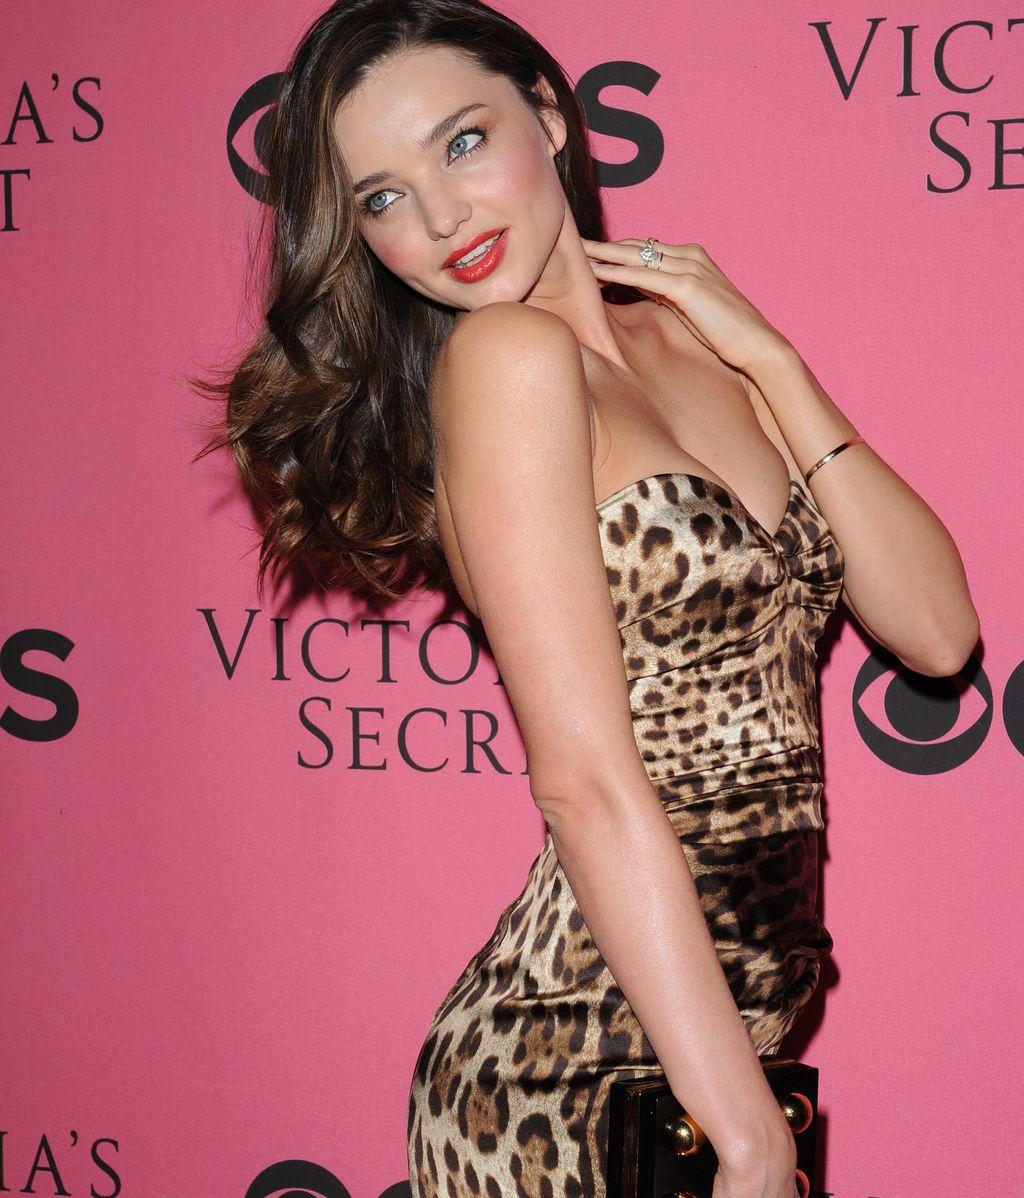 Los ángeles de Victoria's Secret te desea una sensual Navidad